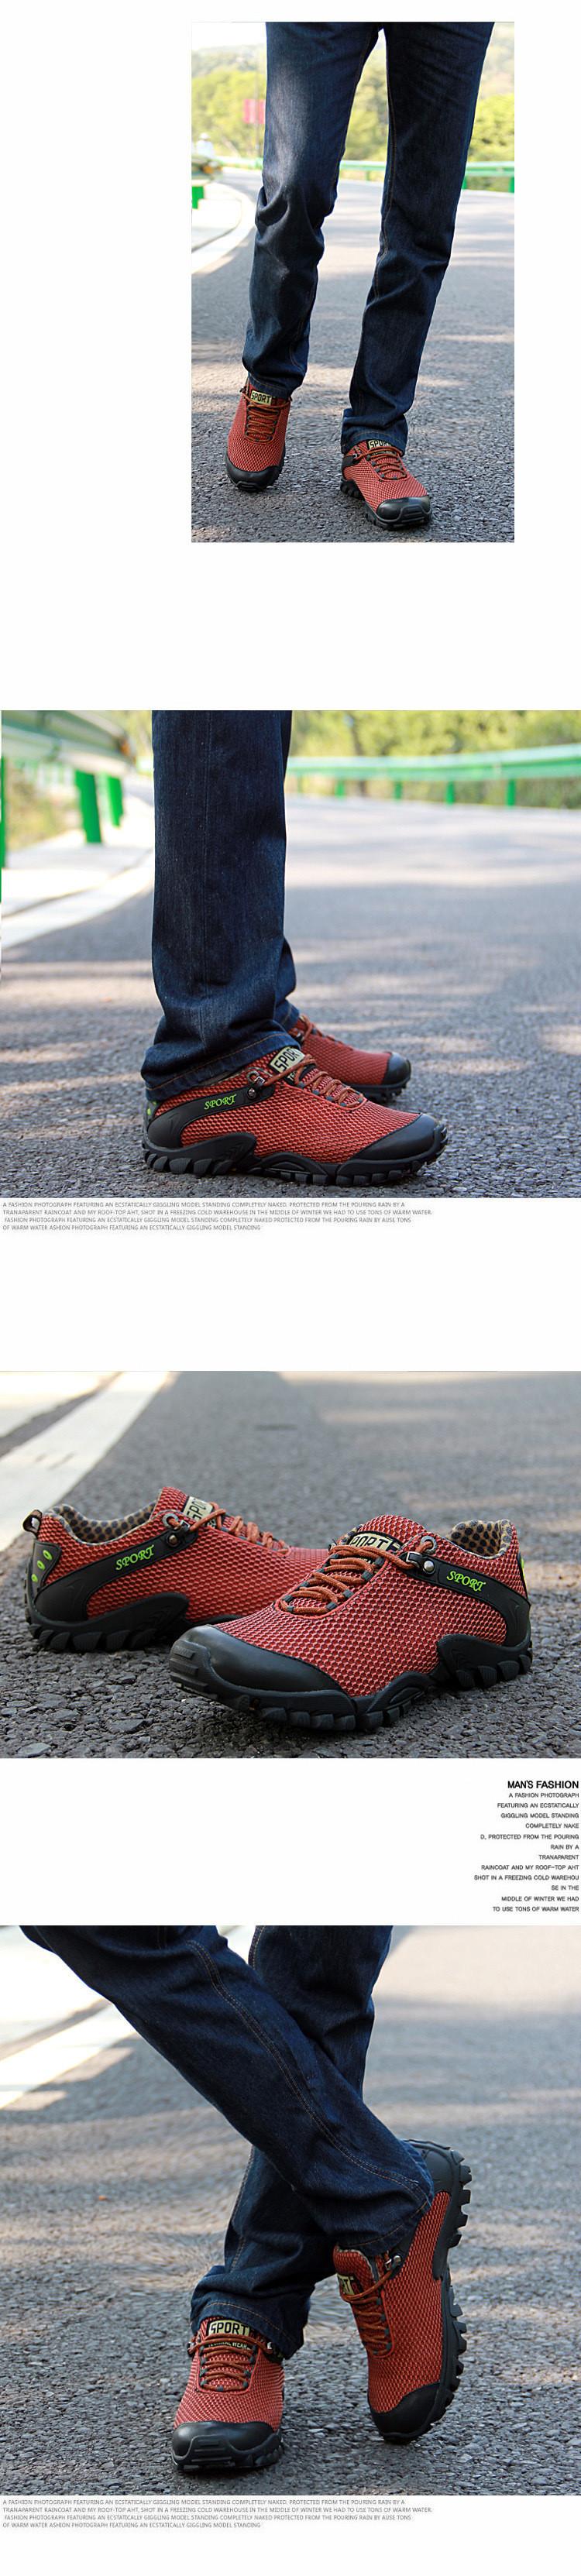 новые моды больших ярдов воздуха кроссовки для мужчин спортивная обувь / кроссовки для отдыха обувь / Открытый бега сапоги eur39-44